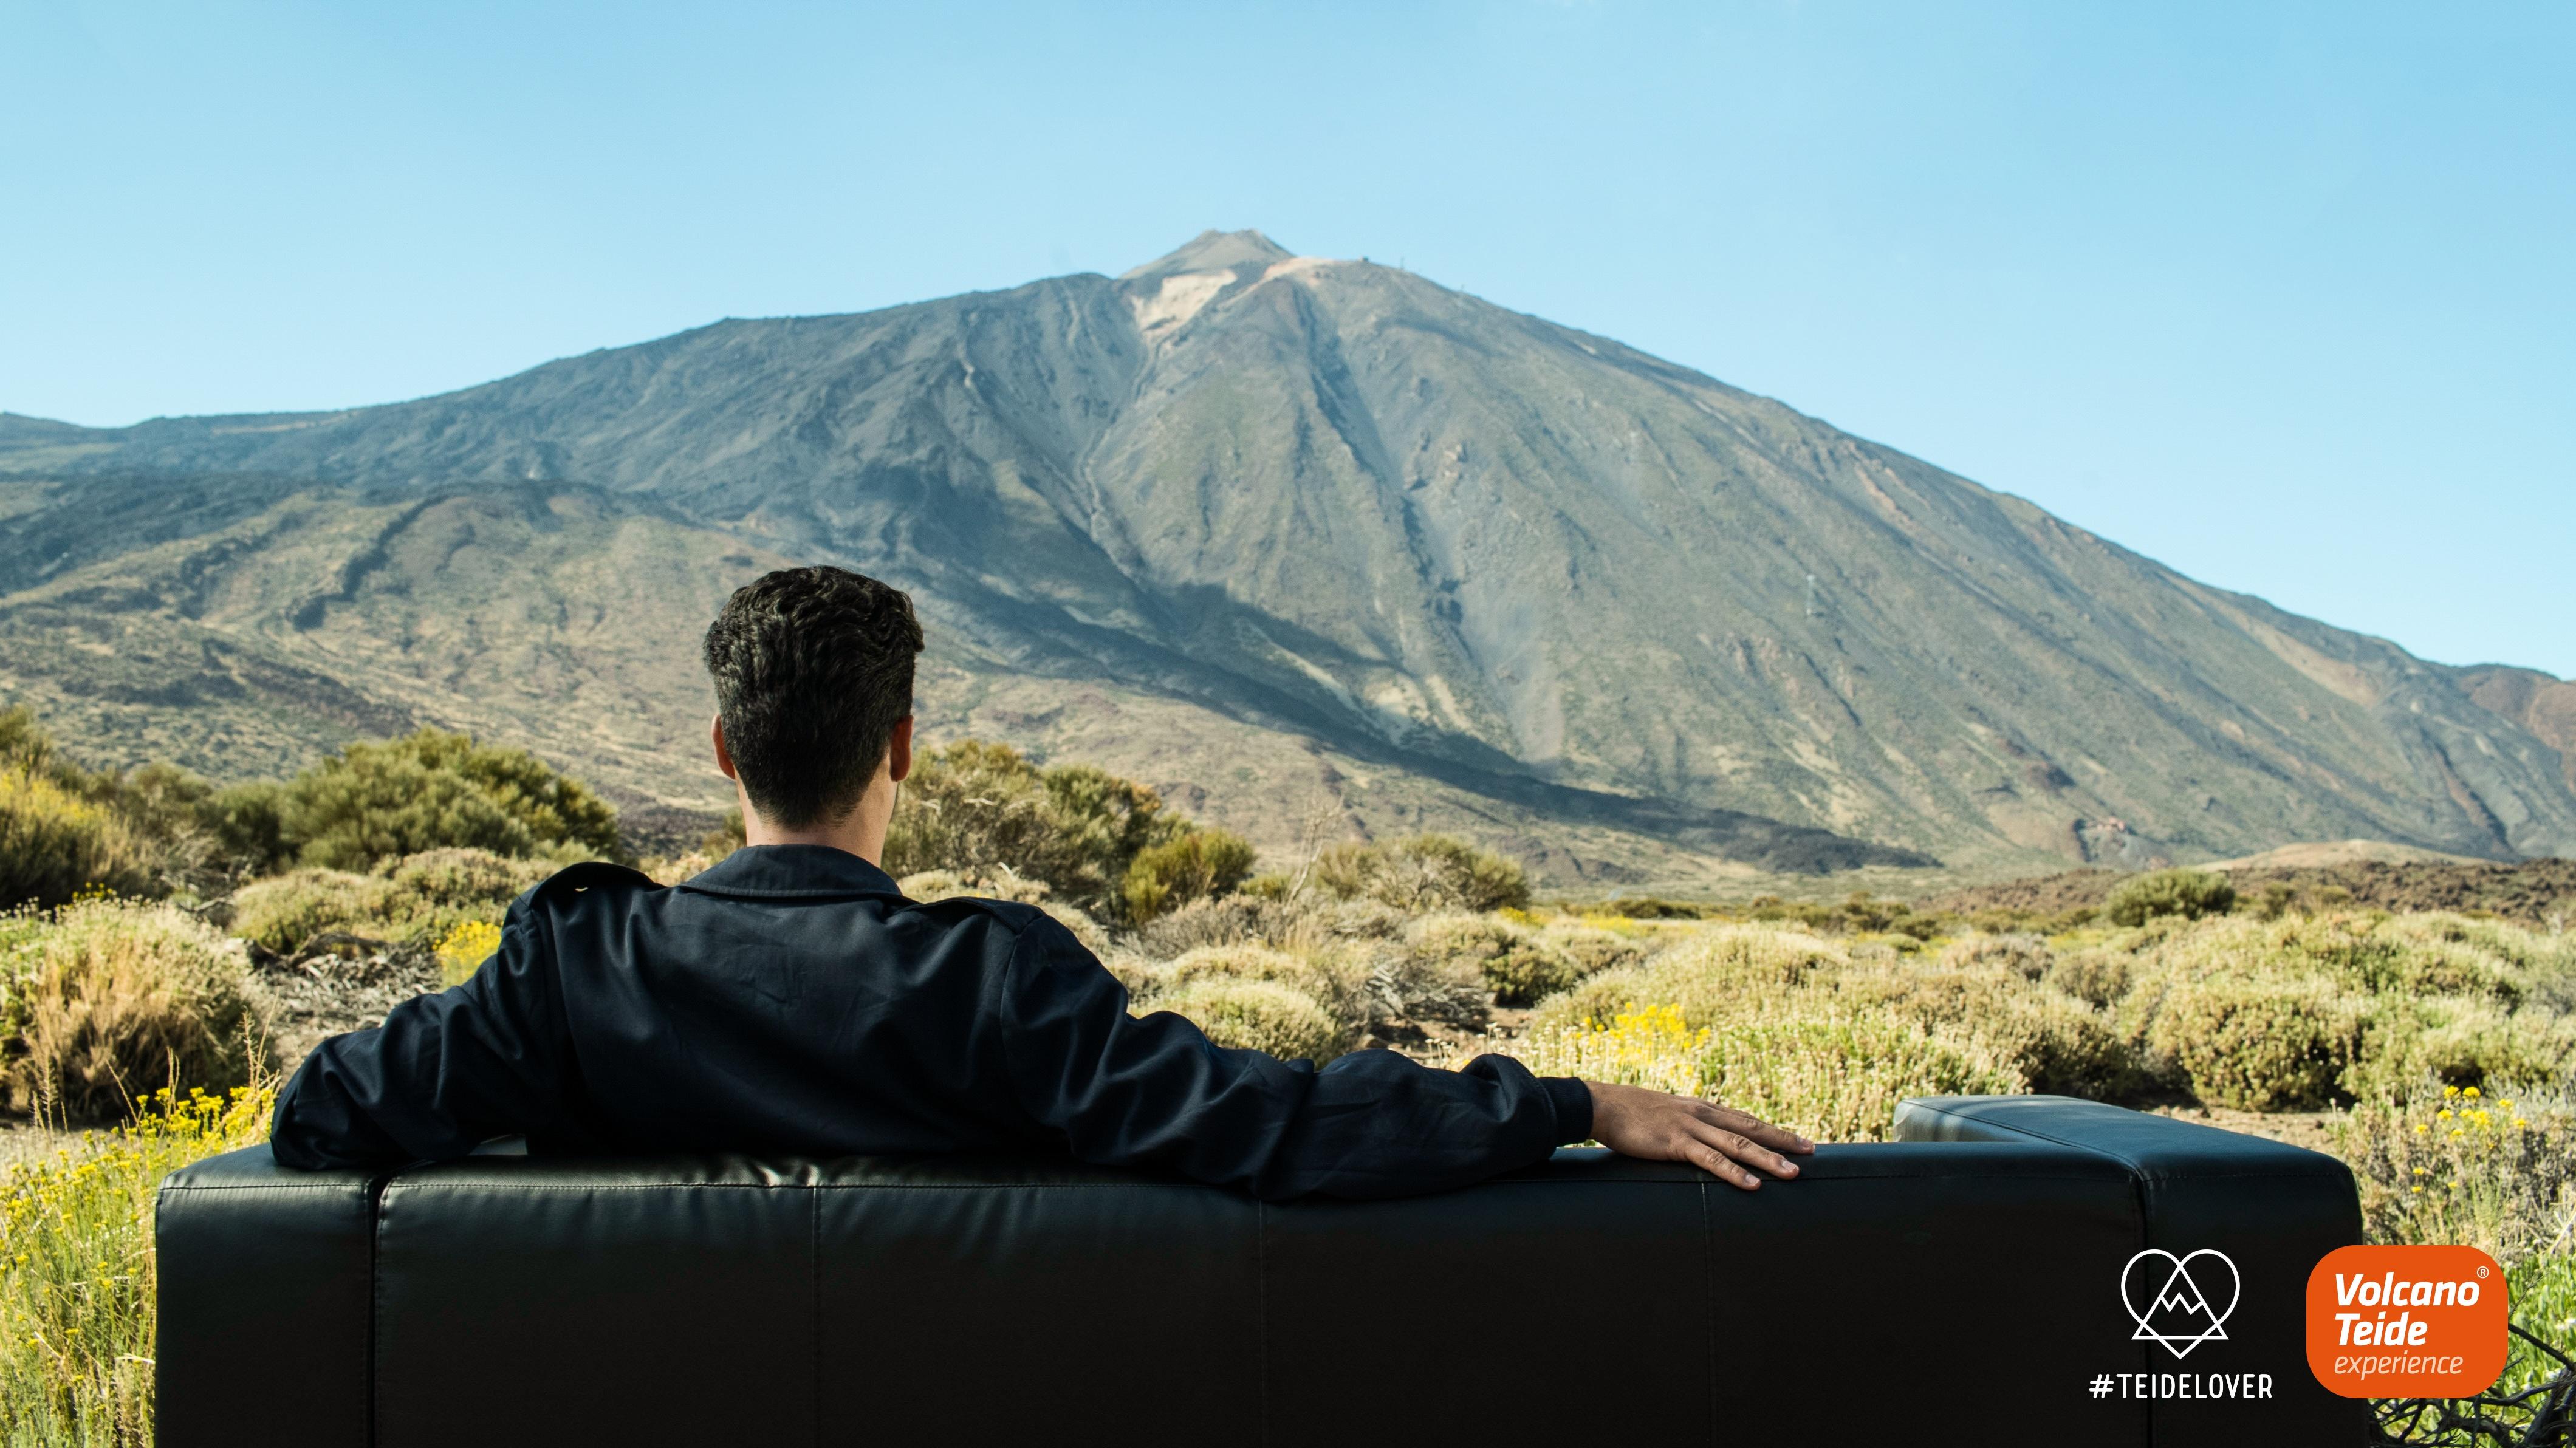 Atrakcje i wycieczki na Teide: wizualny kalendarz tygodniowy